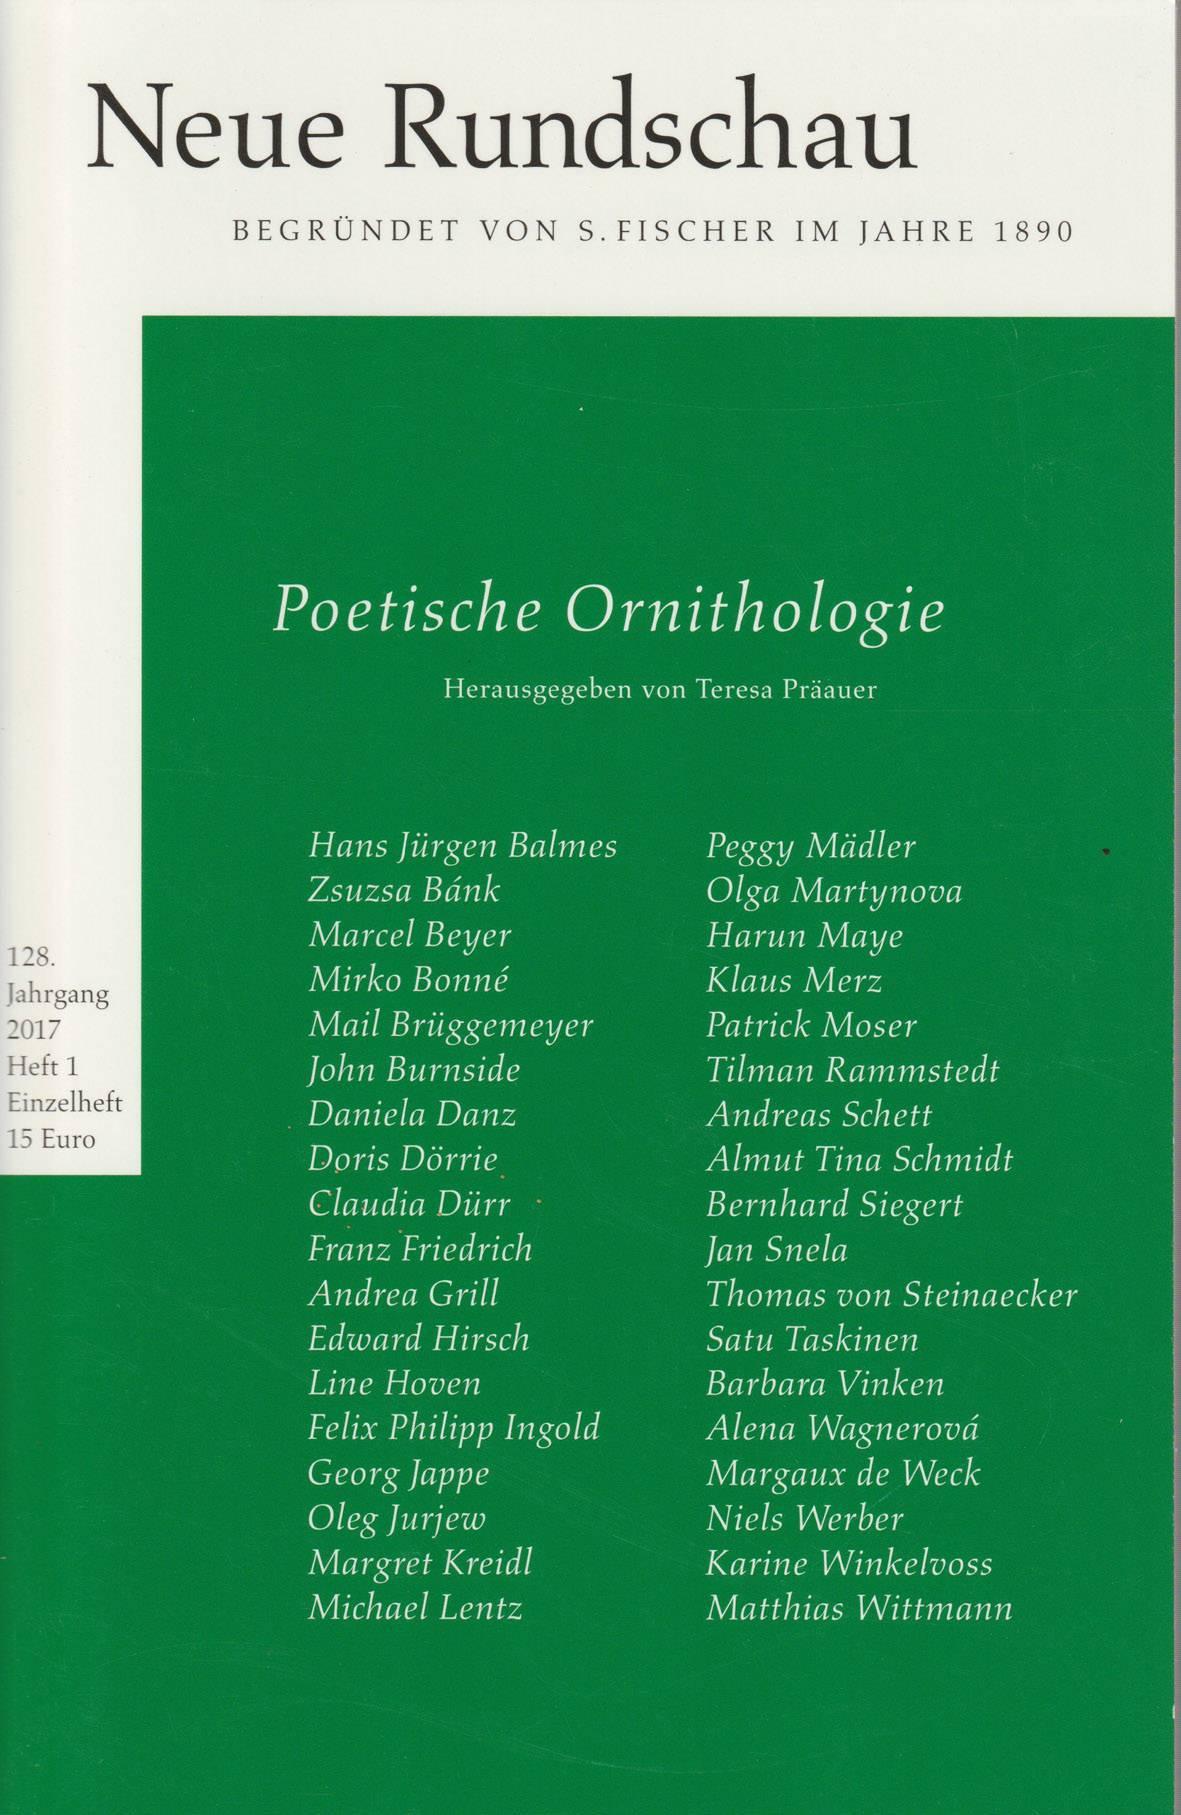 Fotografie und Malerei in: Bildberührung, Augeneinschreibung.